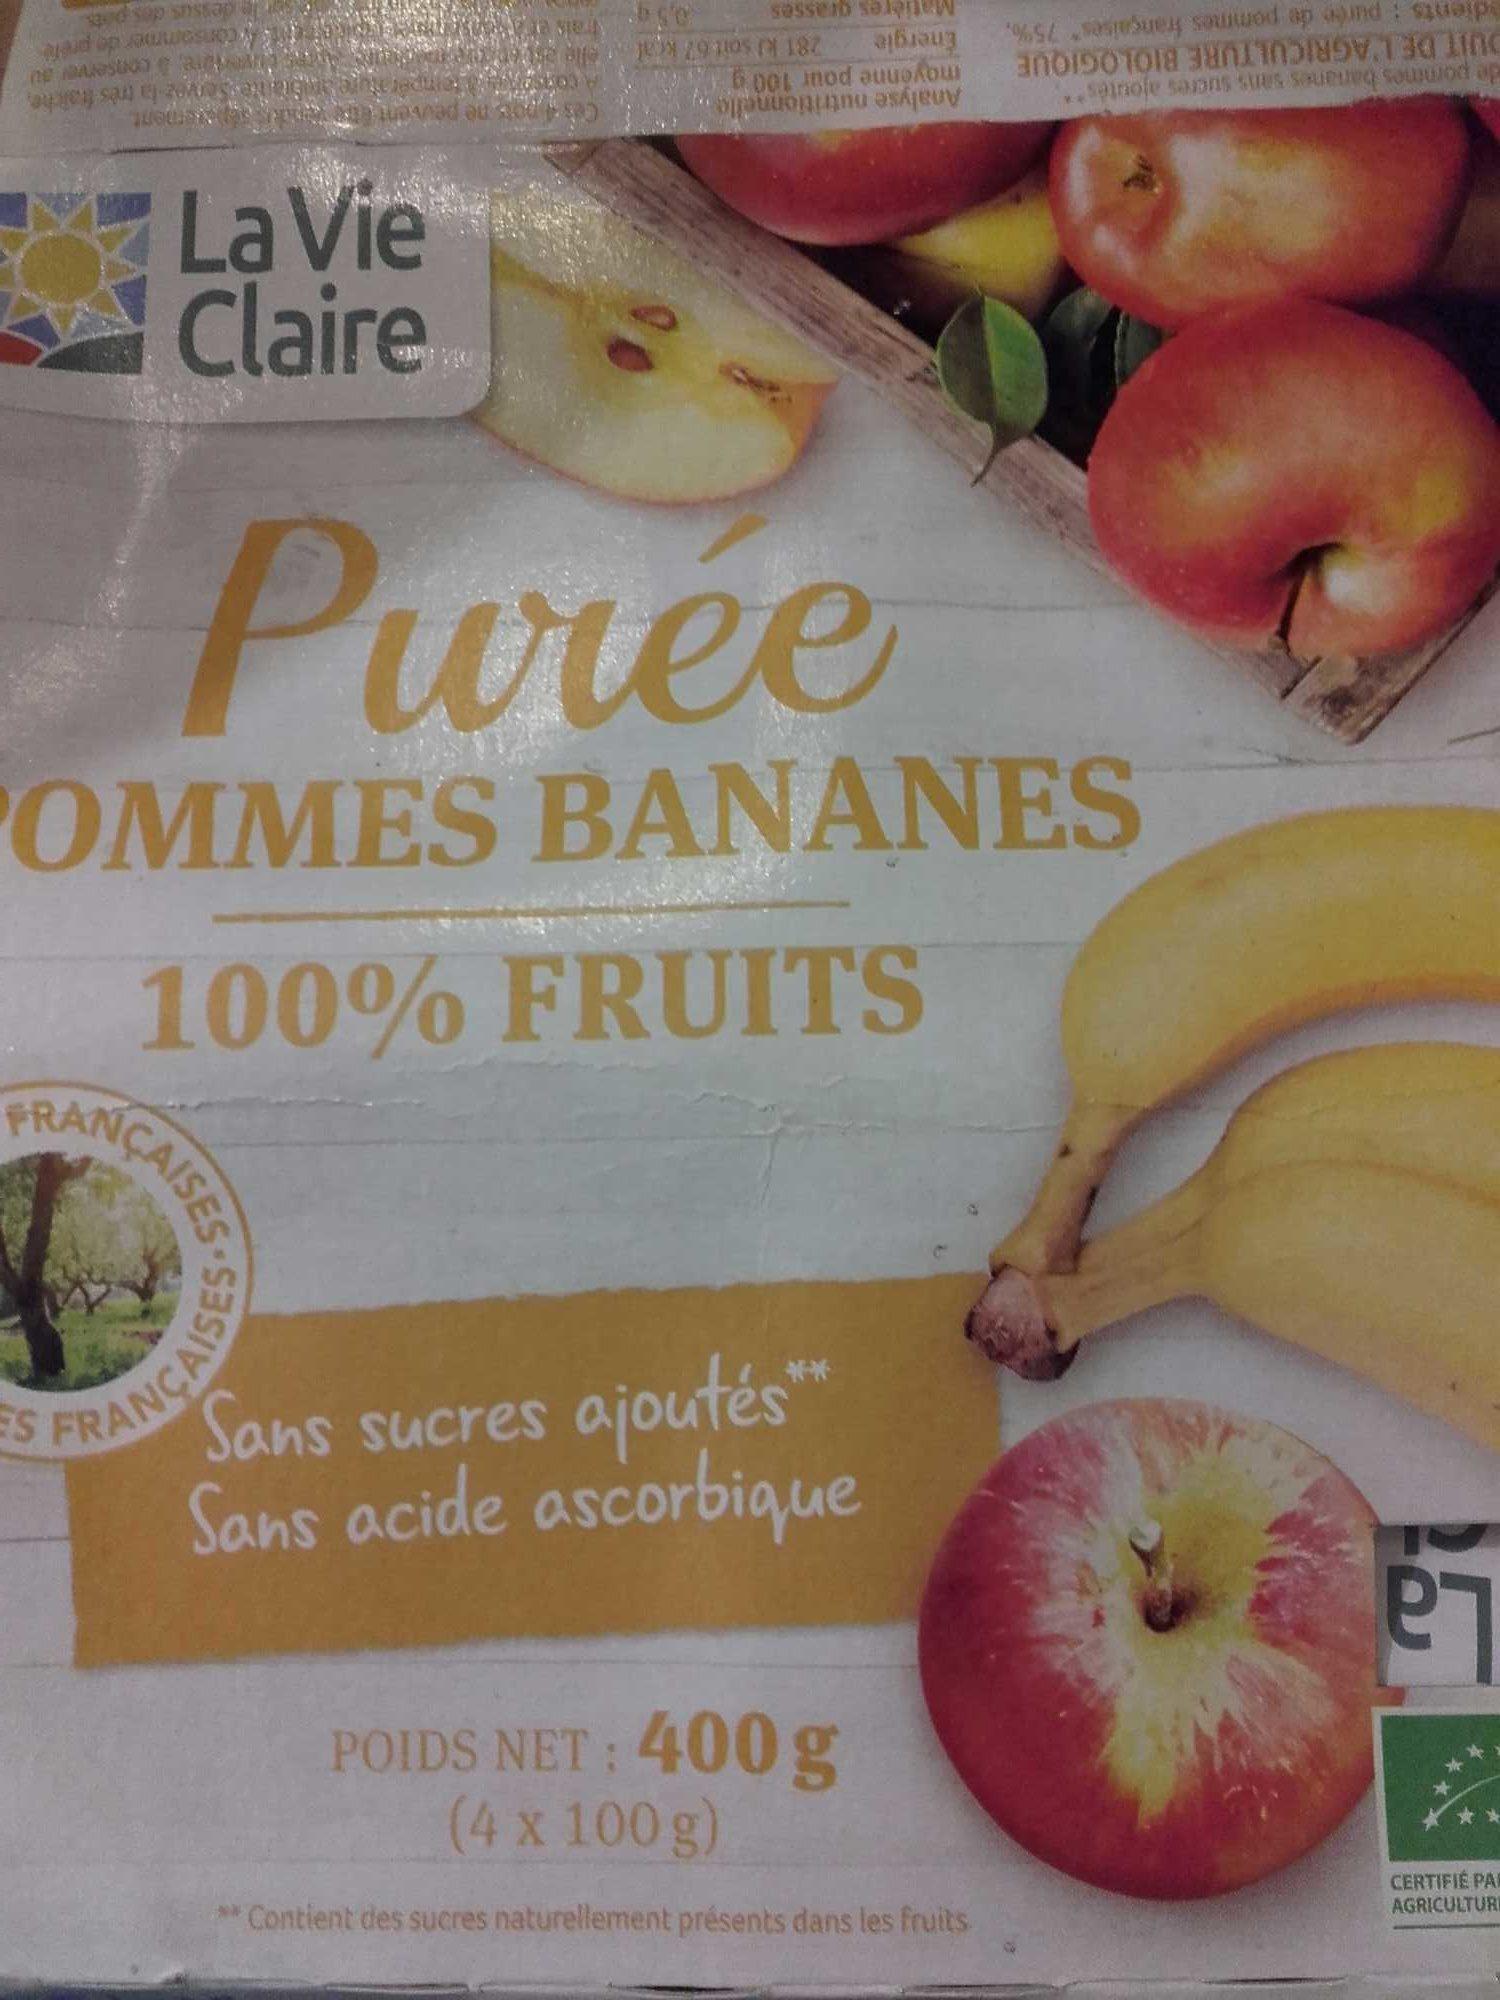 Purée Pommes Bananes 100% Fruits - Produit - fr